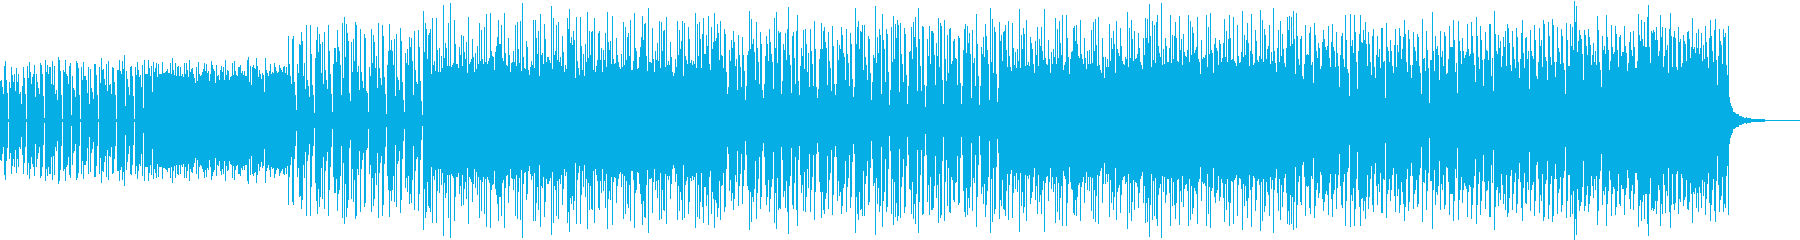 ヘヴィロック 楽しげ クール ファ...の再生済みの波形